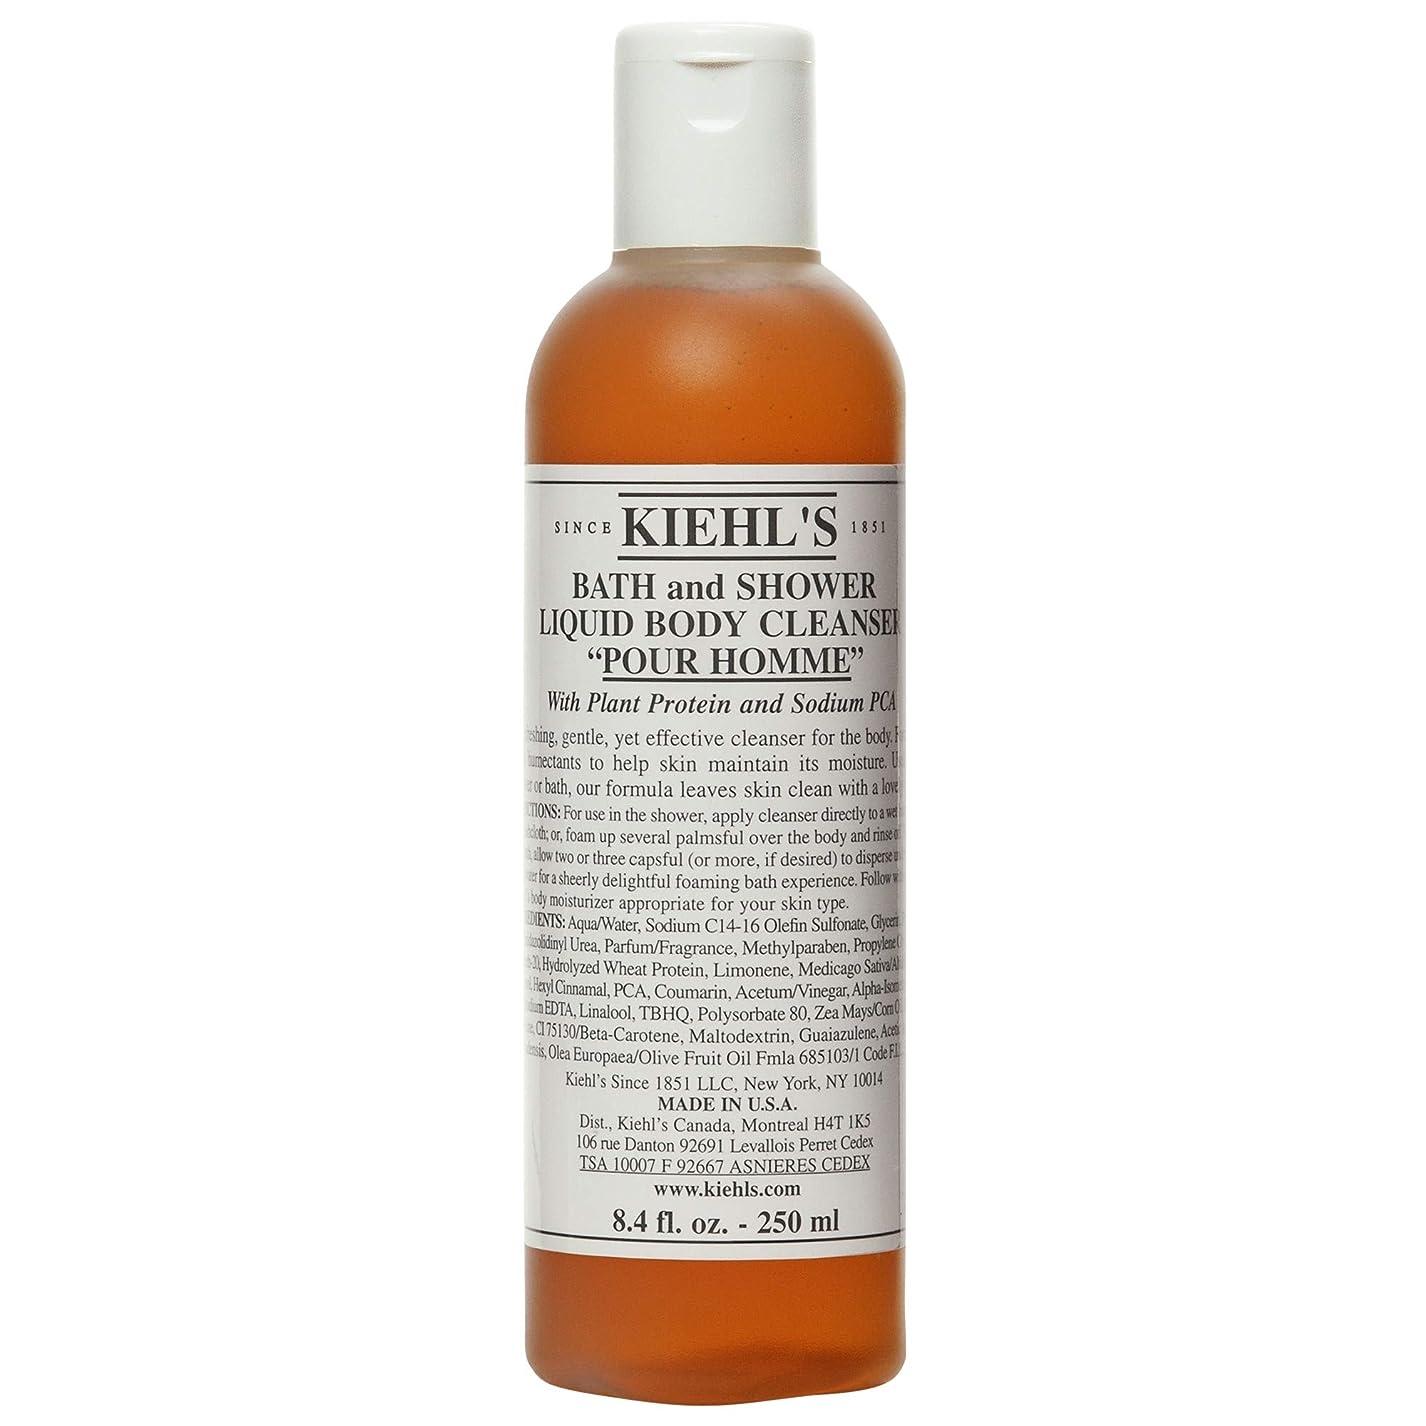 消去自我少し[Kiehl's ] キールさんはオムバスを注ぎ、液体ボディクレンザー250ミリリットルシャワー - Kiehl's Pour Homme Bath and Shower Liquid Body Cleanser 250ml [並行輸入品]